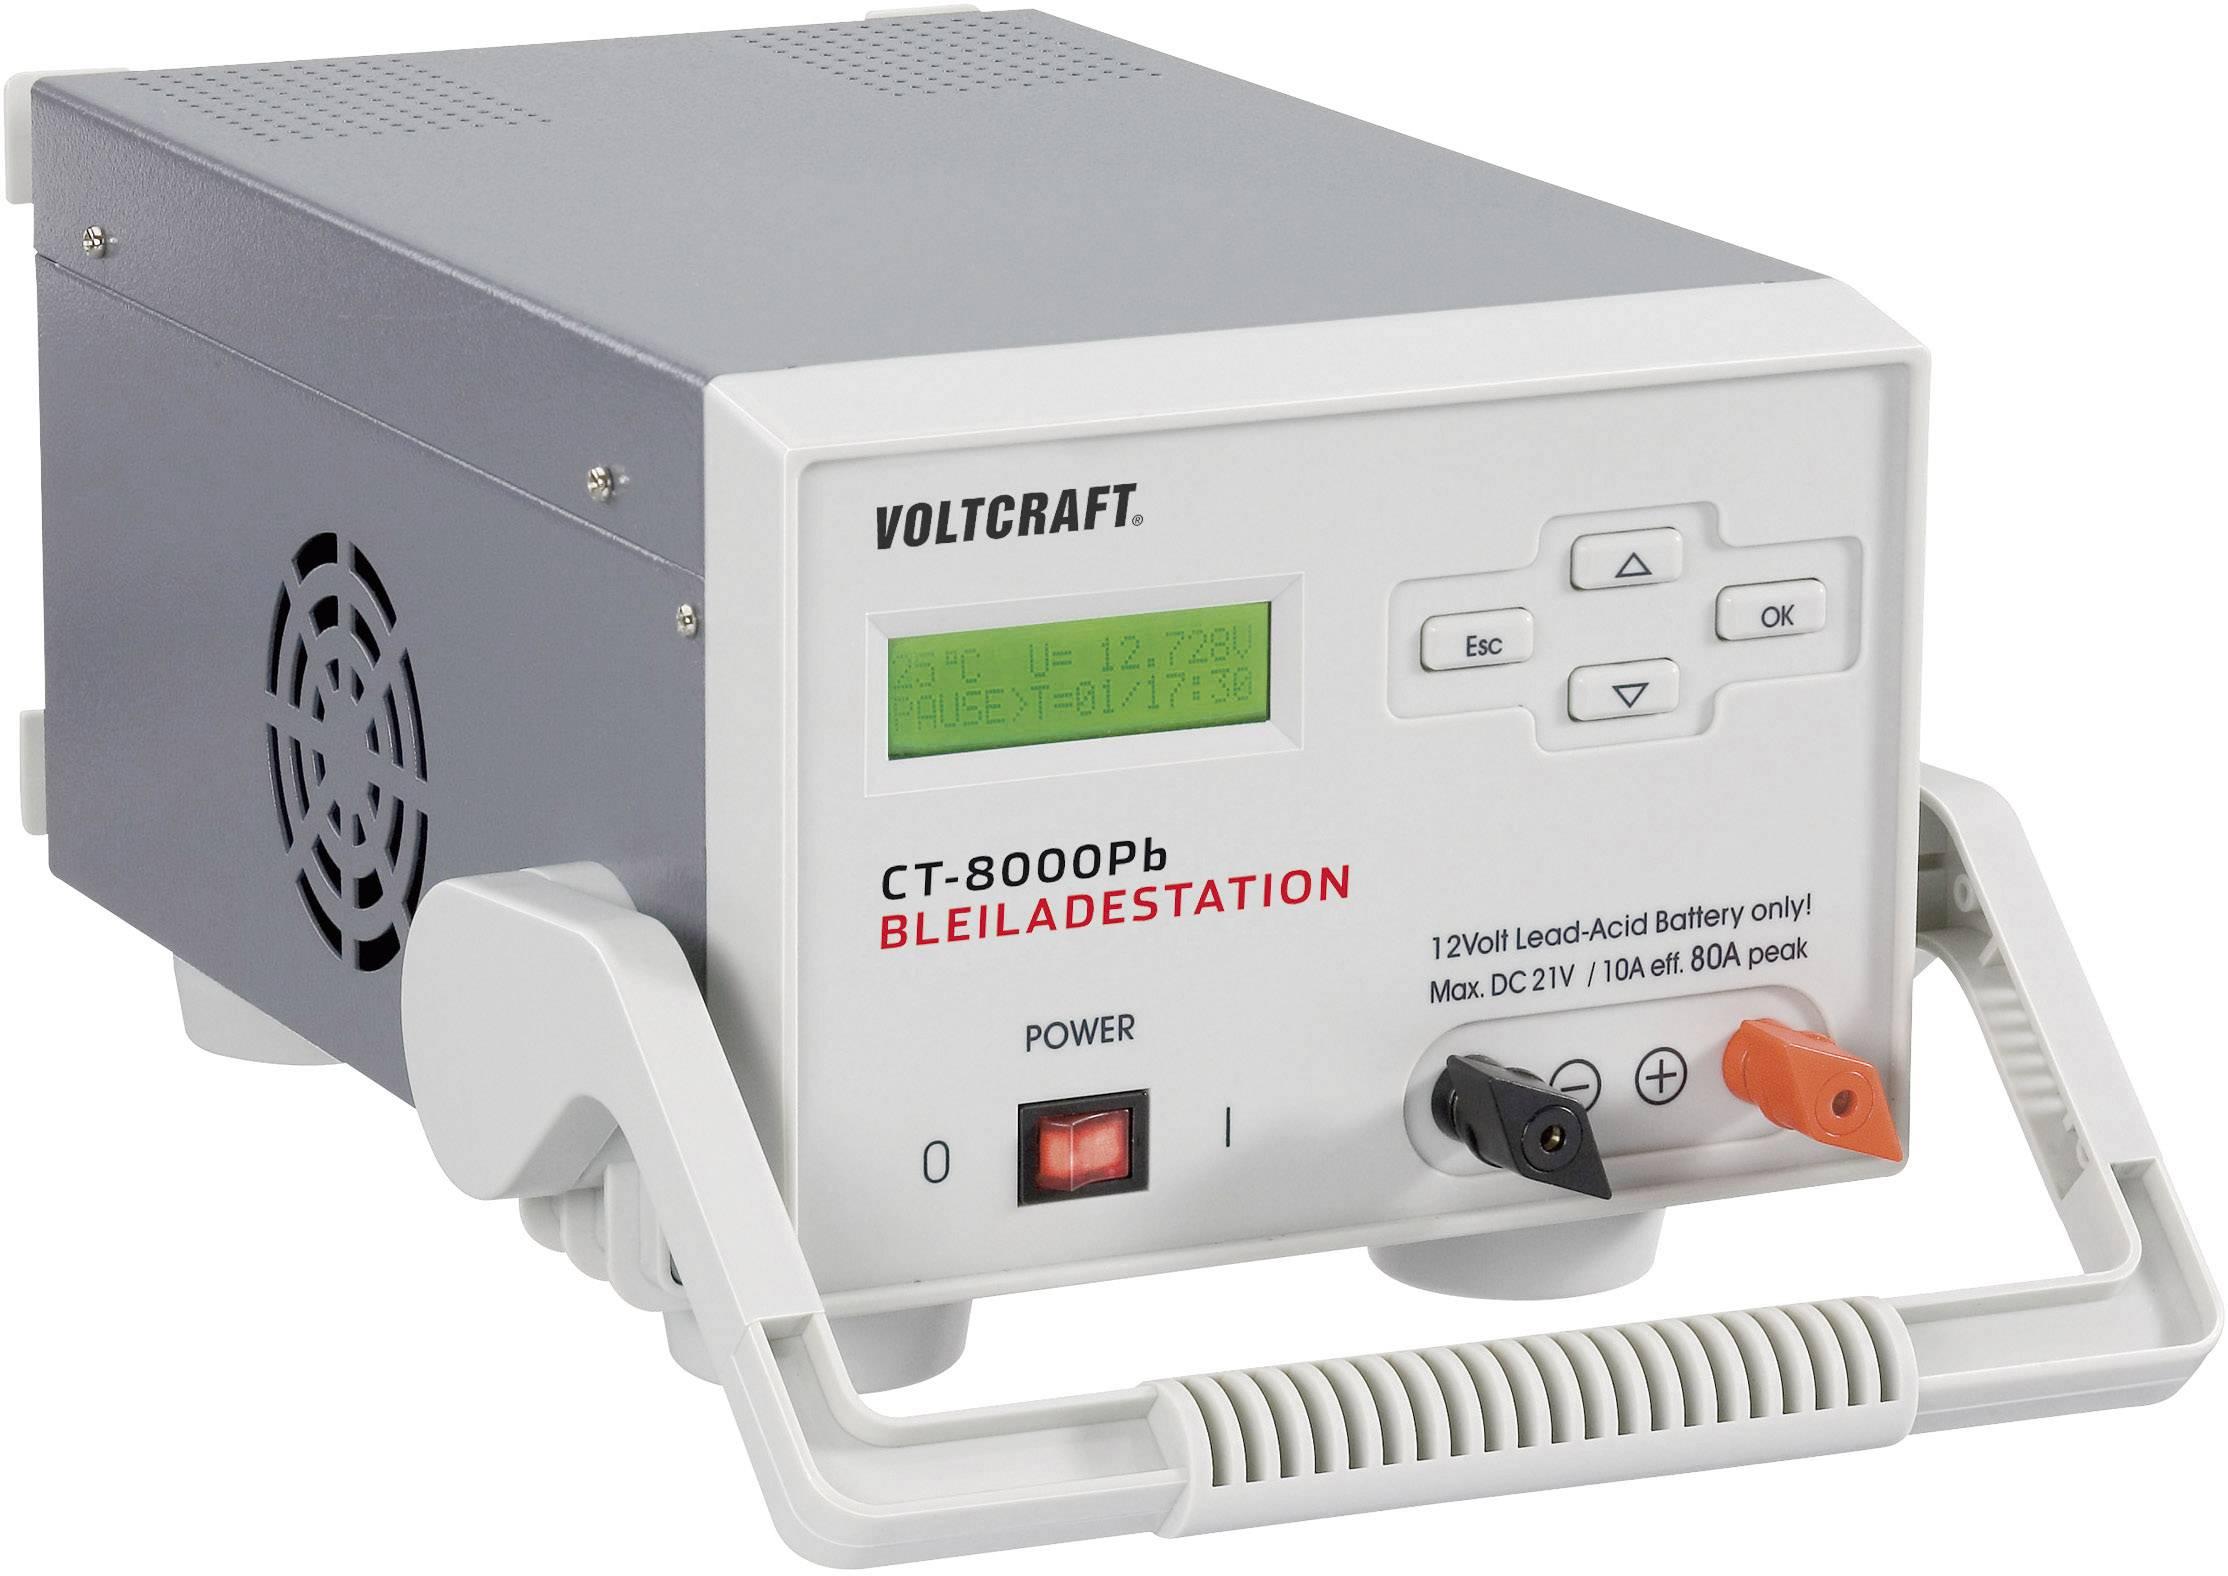 Nabíjecí stanice pro olověné akumulátory Voltcraft CT-8000Pb